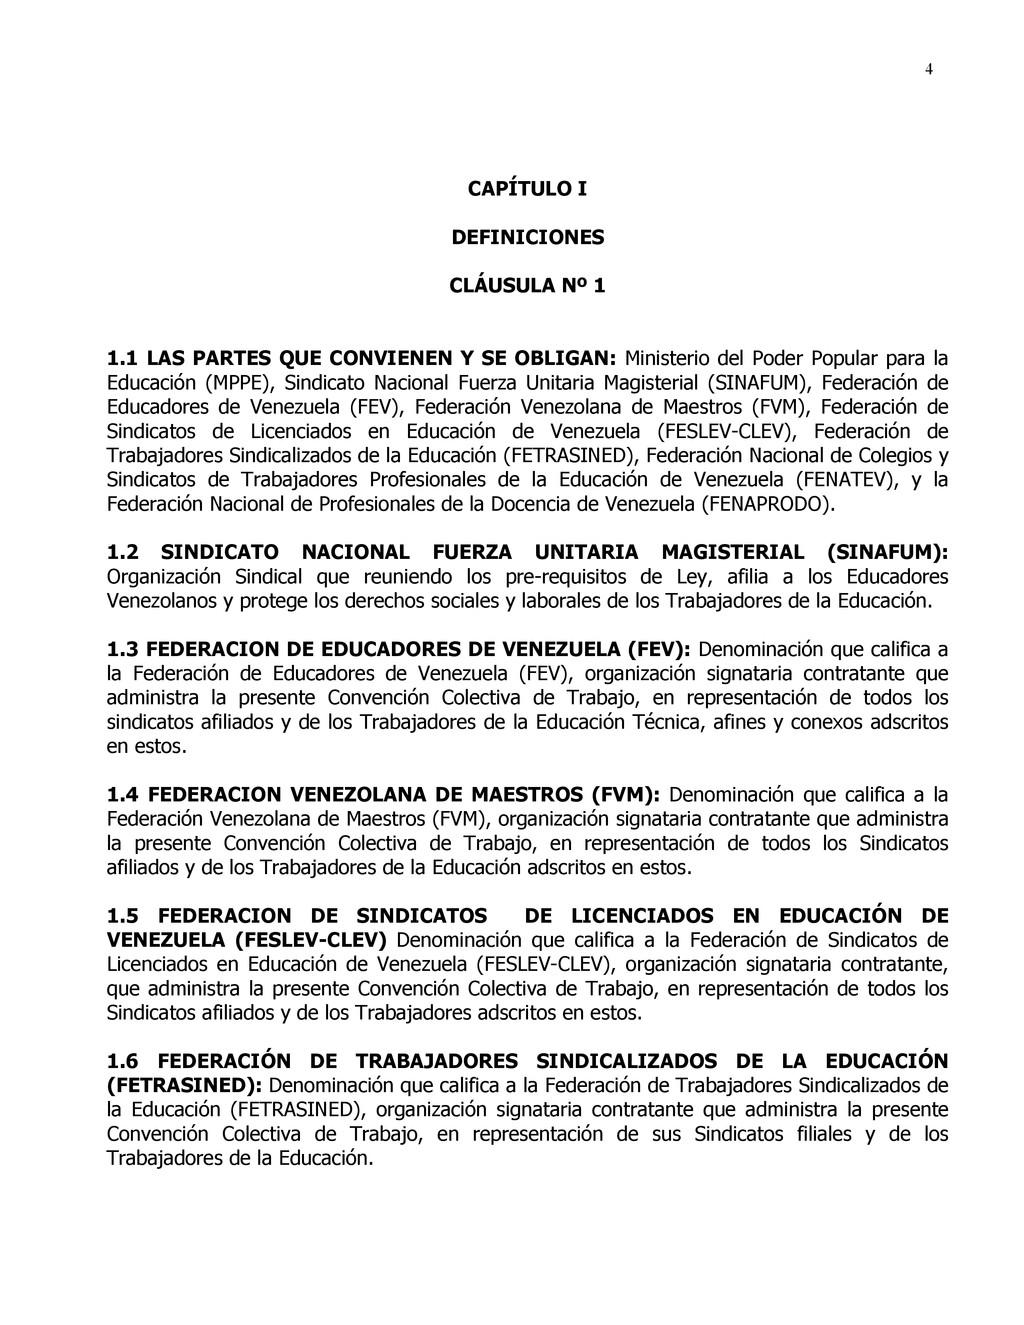 4 CAPÍTULO I DEFINICIONES CLÁUSULA Nº 1 1.1 LAS...